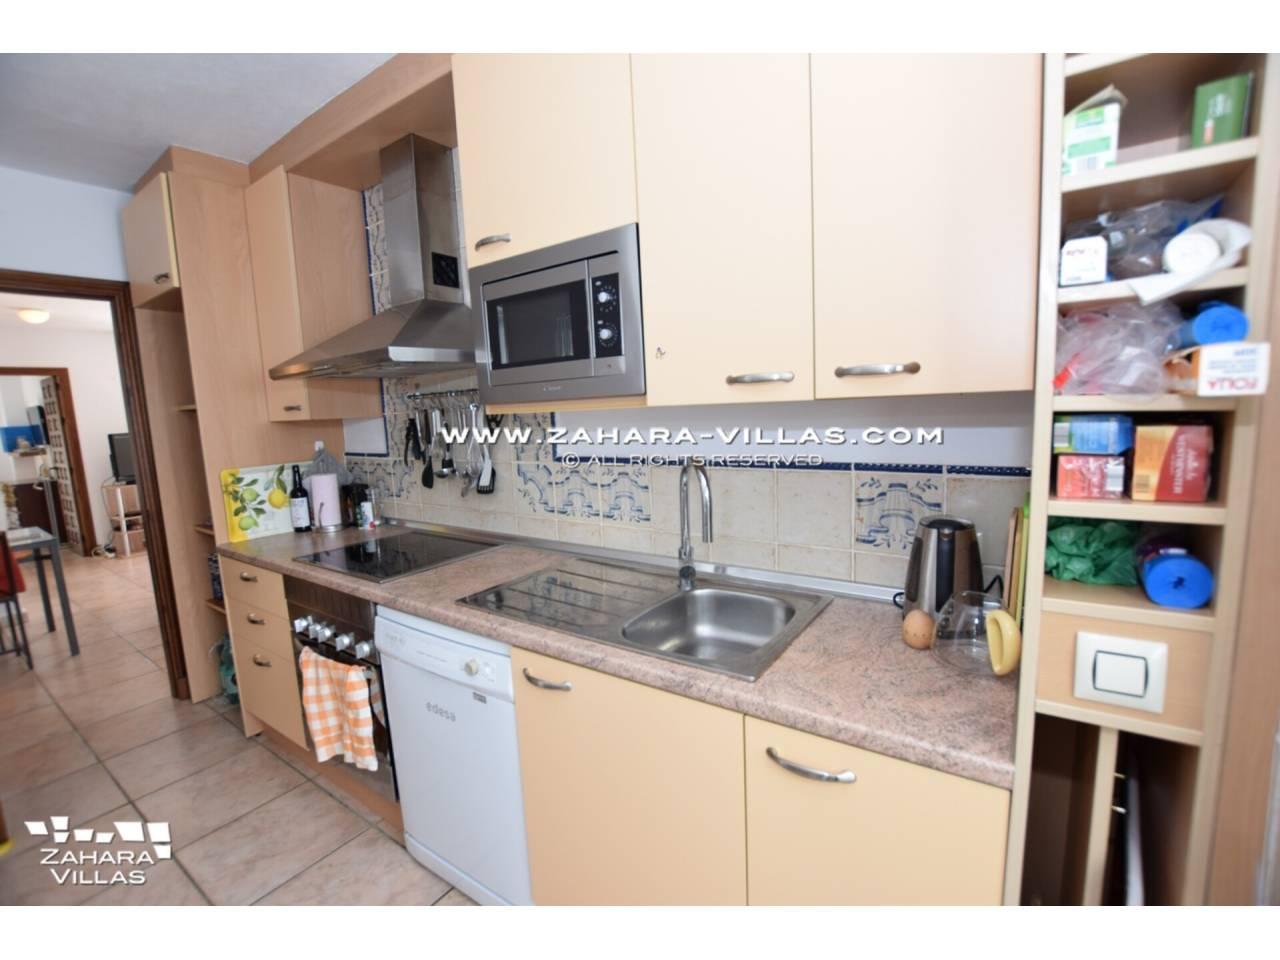 Imagen 44 de Penthouse apartment for sale in Zahara de los Atunes